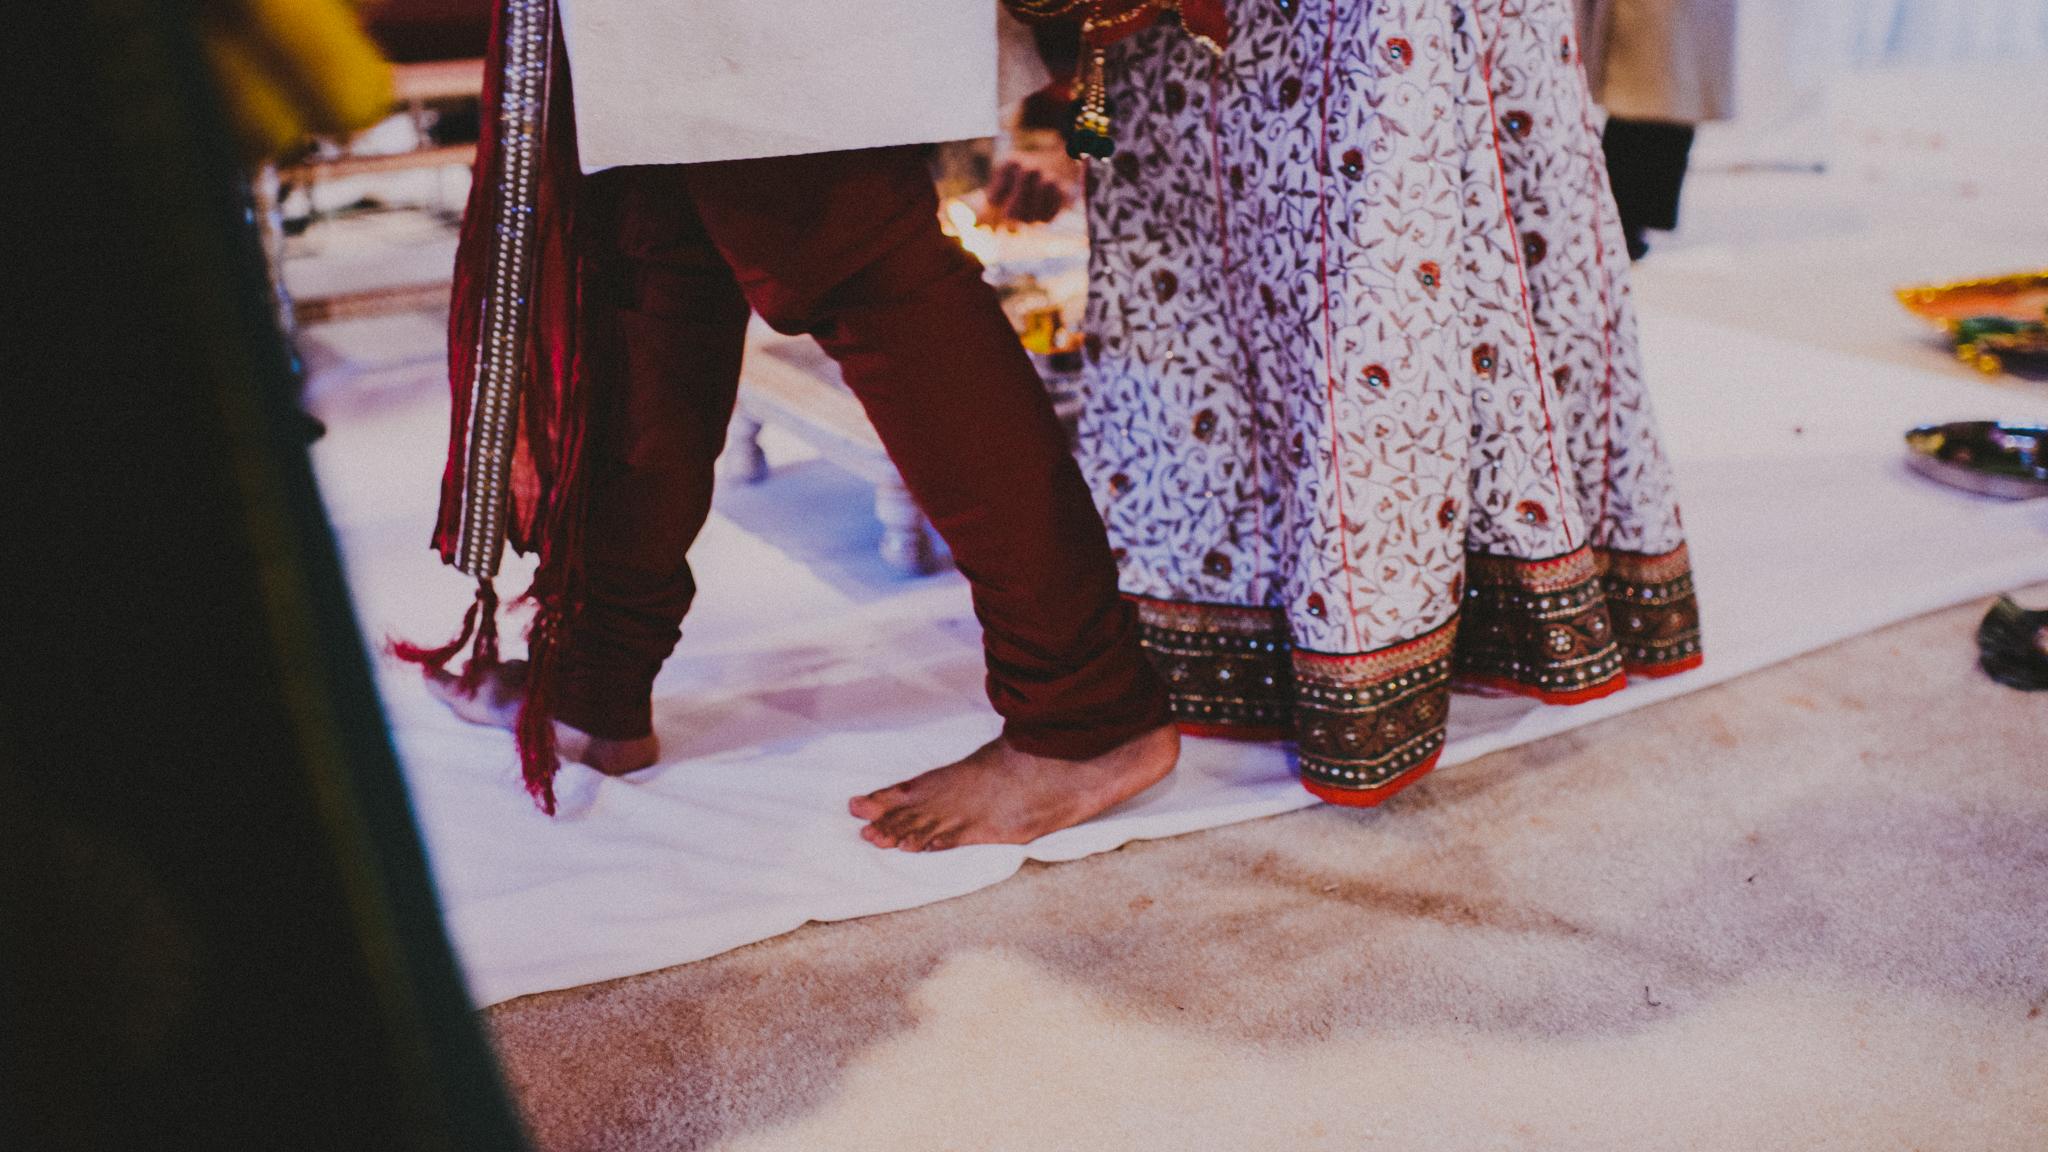 orlando_wedding_photographer_florida_gian_carlo_photography_034.jpg